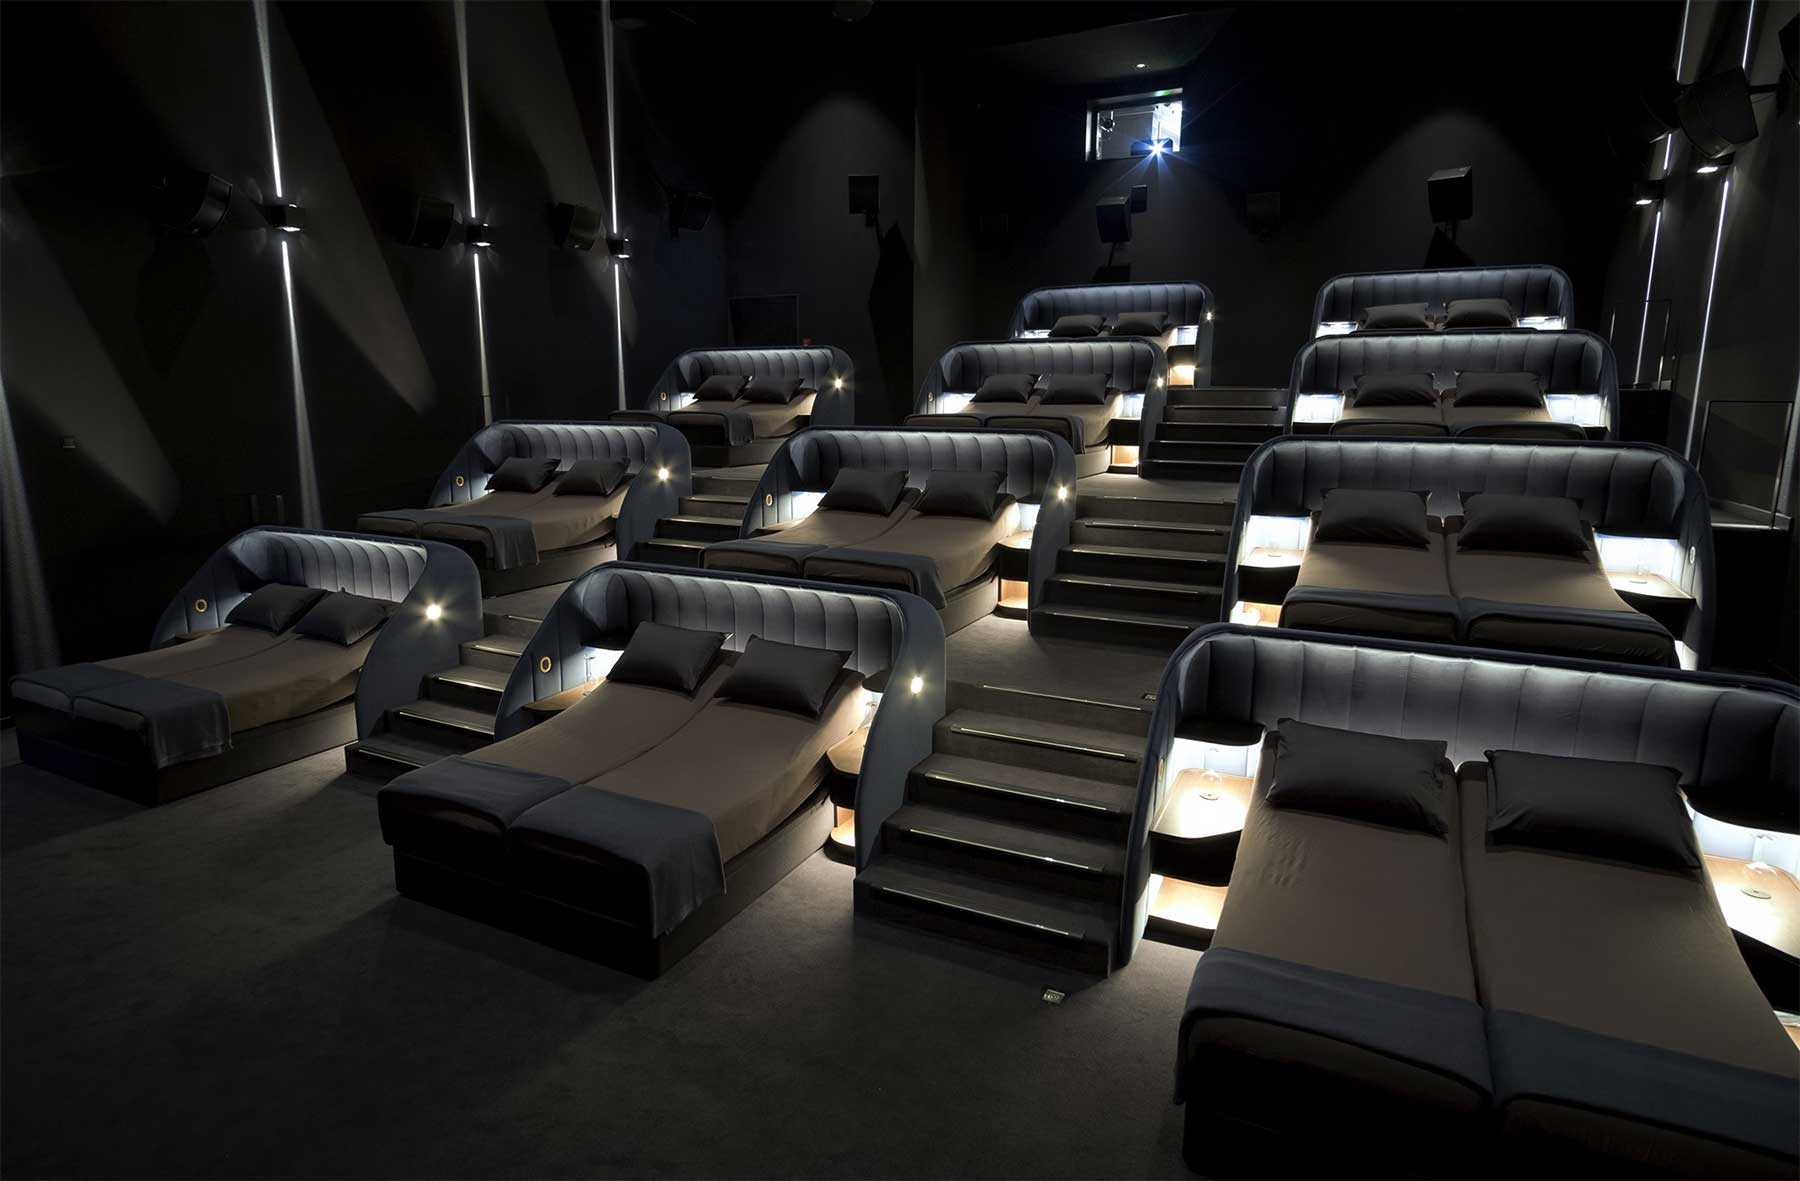 In diesem Kino könnt ihr Filme auf Betten und Sofas schauen pathe-spreitenbach-kino-mit-sofas-und-betten_02